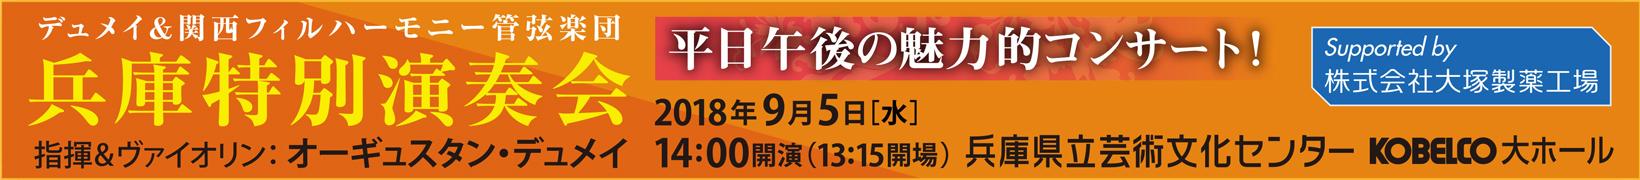 デュメイ&関西フィルハーモニー管弦楽団-兵庫特別演奏会